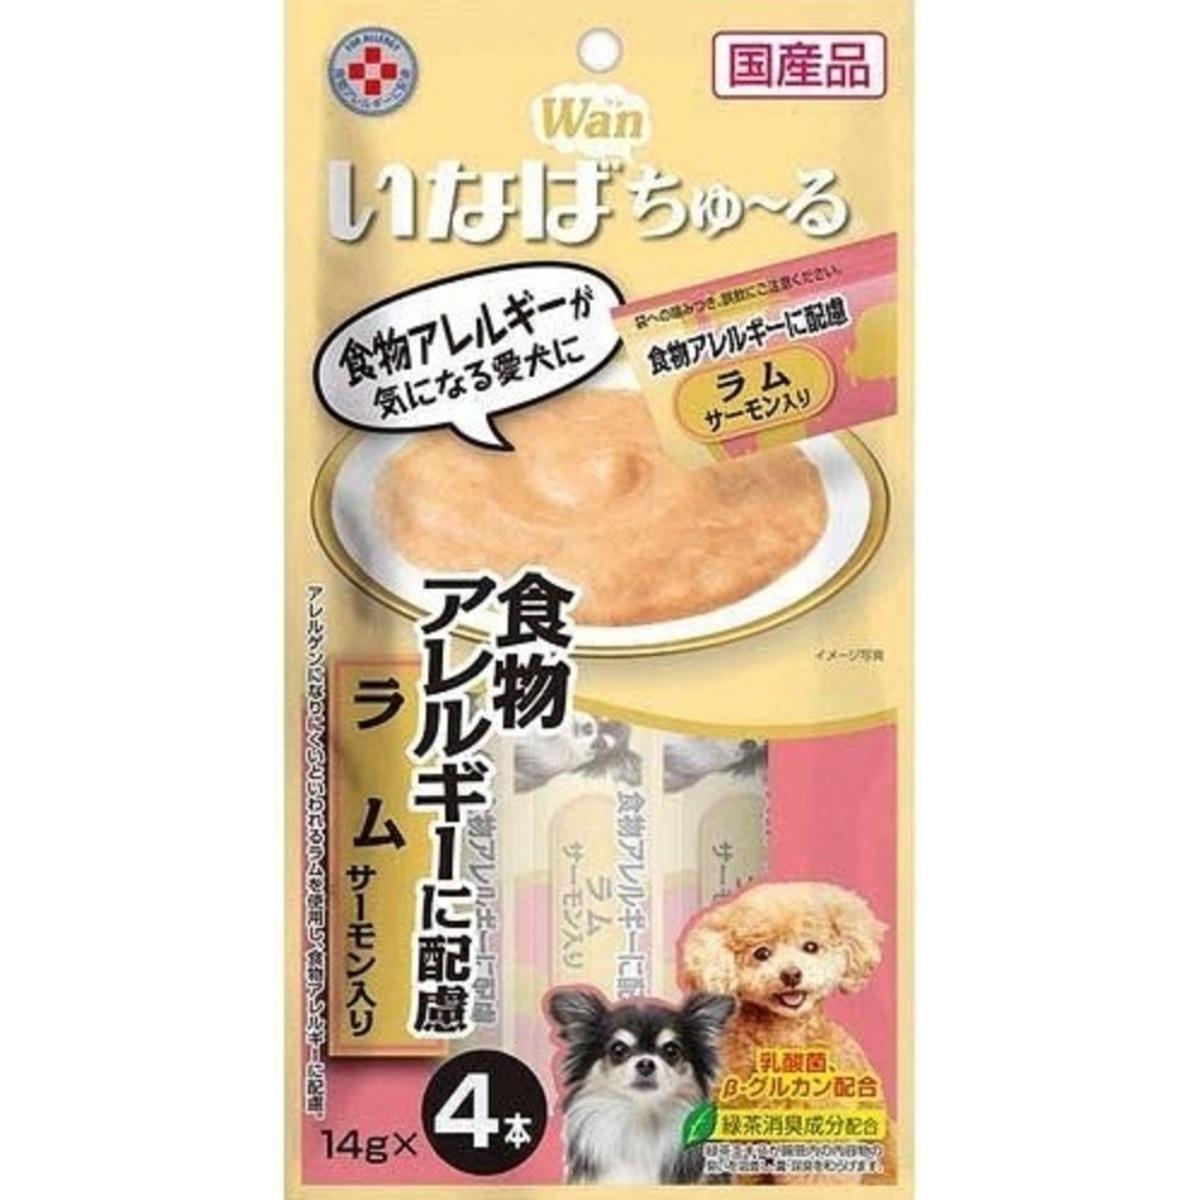 店内全品送料無料!1あたり363.4円 いなば wanちゅーる 食物アレルギーに配慮 ラムサーモン 犬用 14g×4×6入